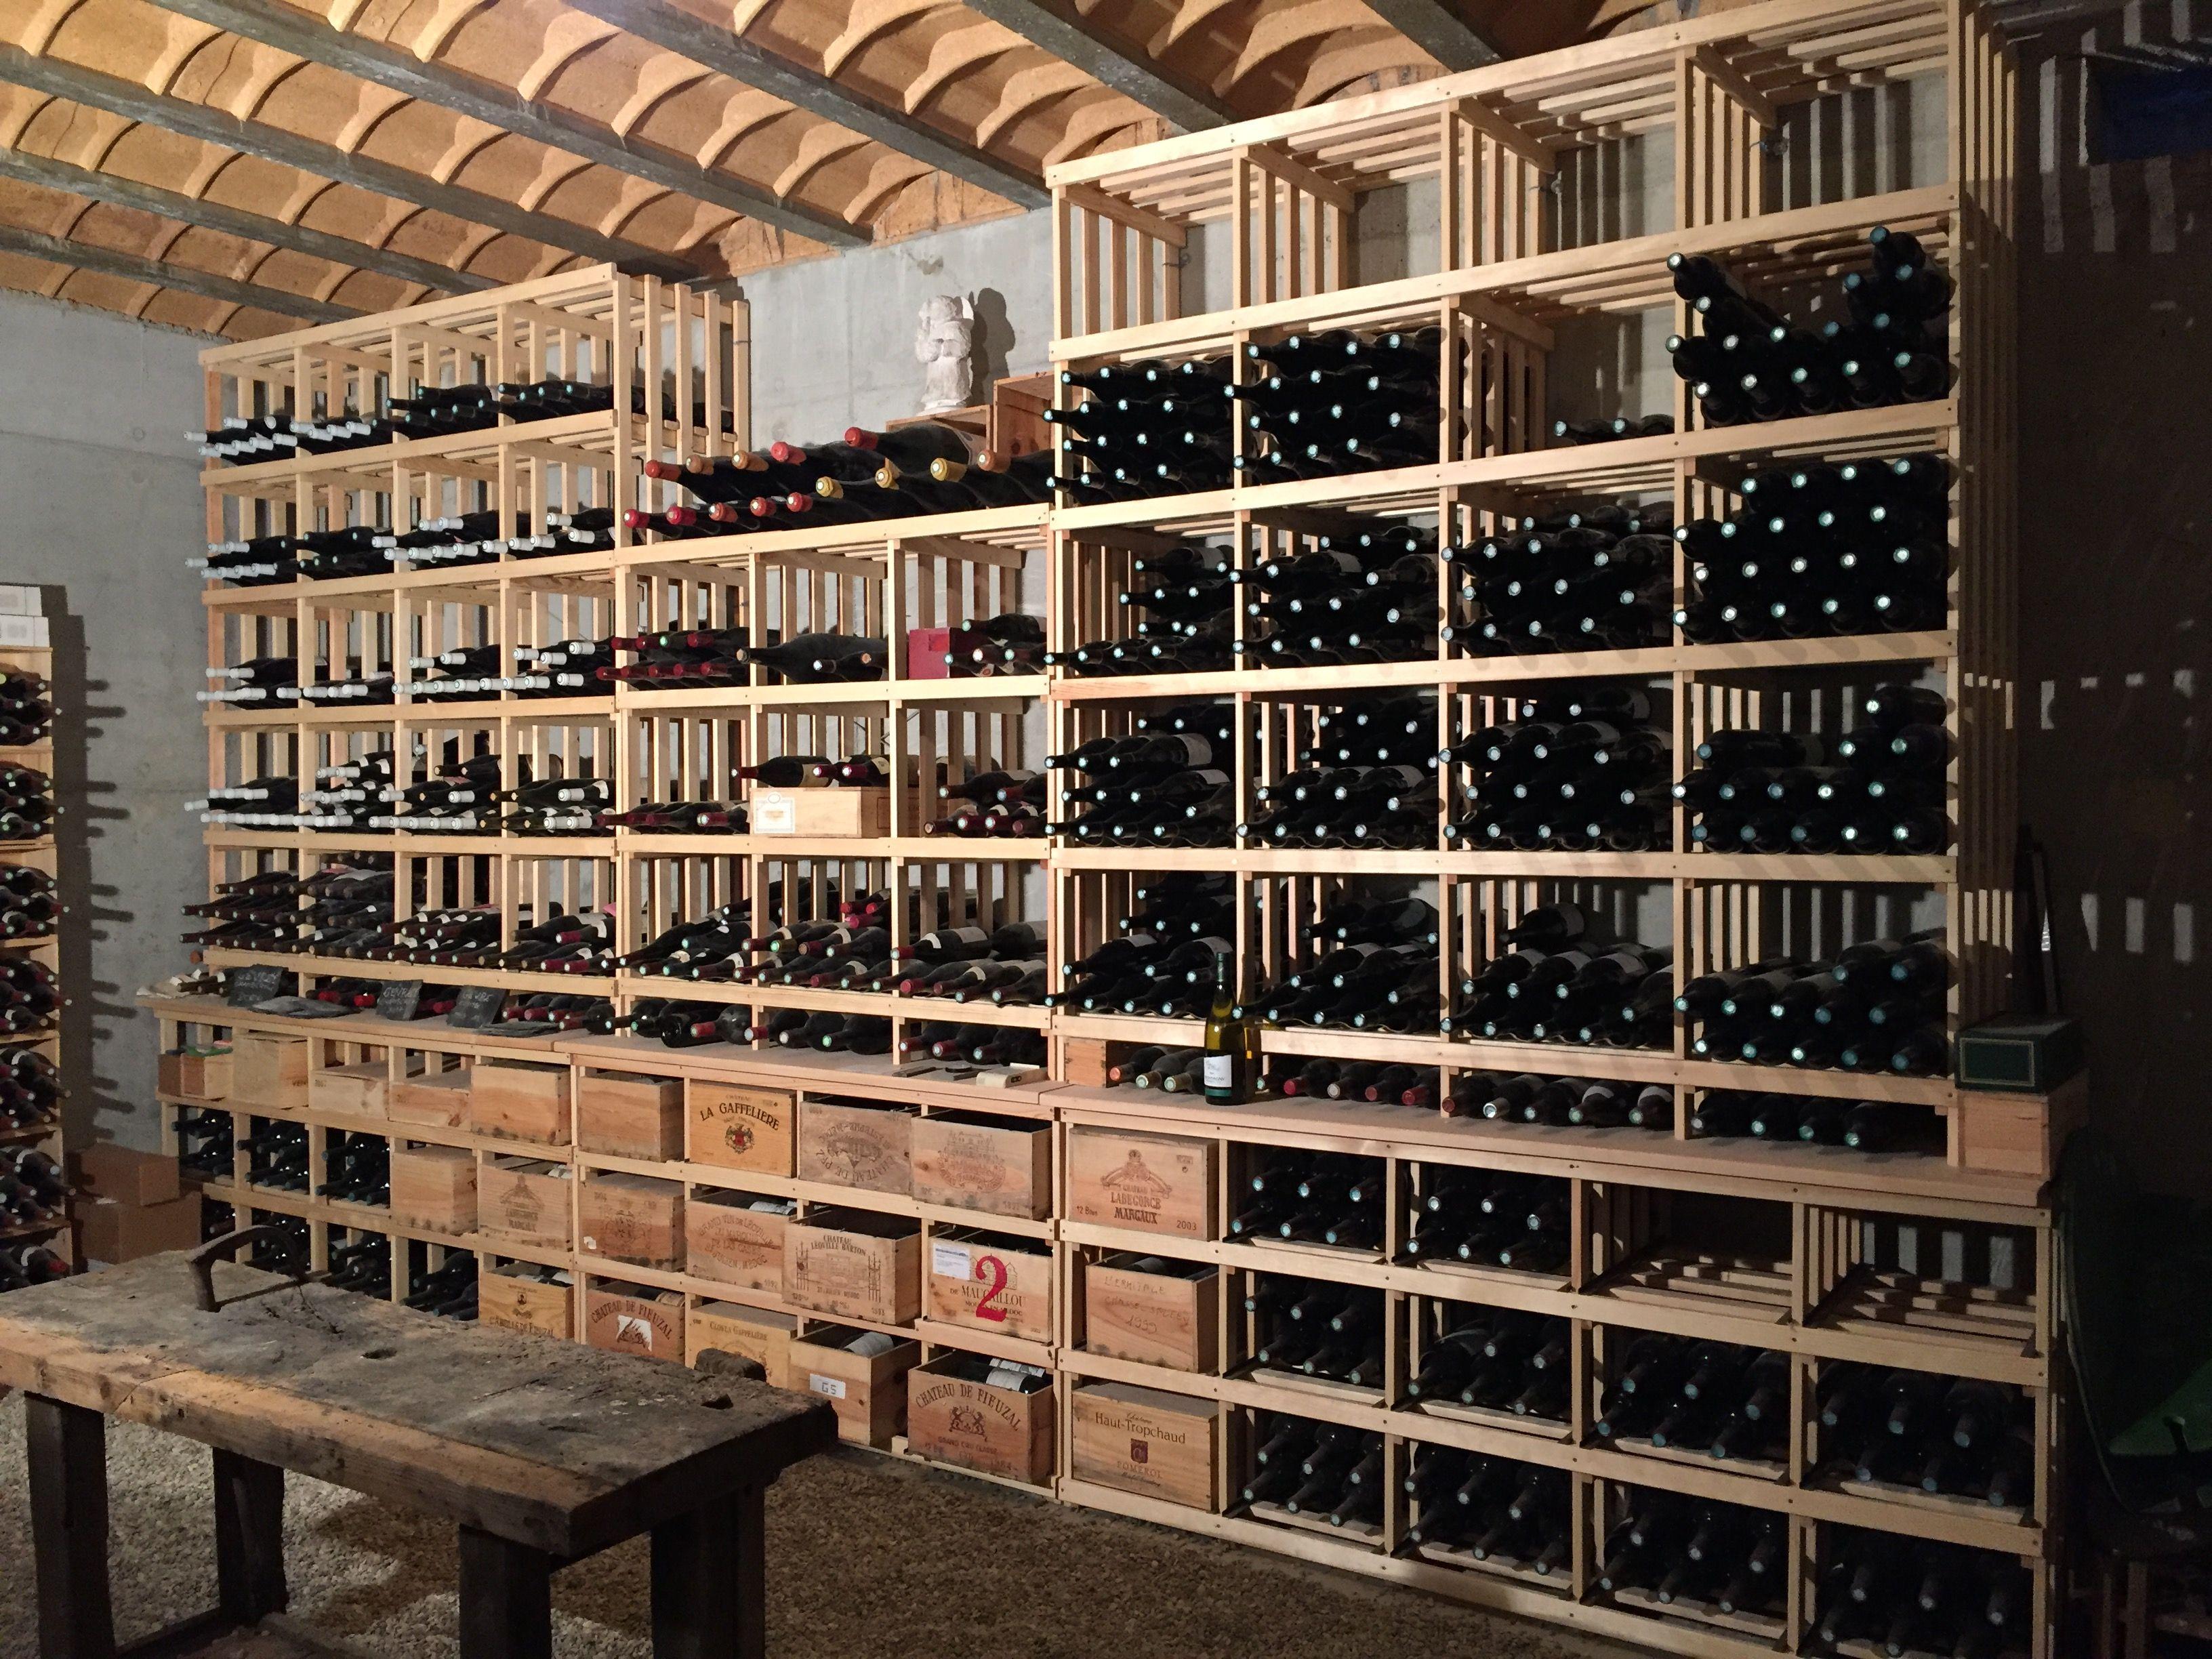 Casiers Pour Bouteilles Casier Vin Cave A Vin Rangement Du Vin Amenagement Cave Casier Bois Meuble En Bois Casier A Bouteille Amenagement Cave Cave A Vin